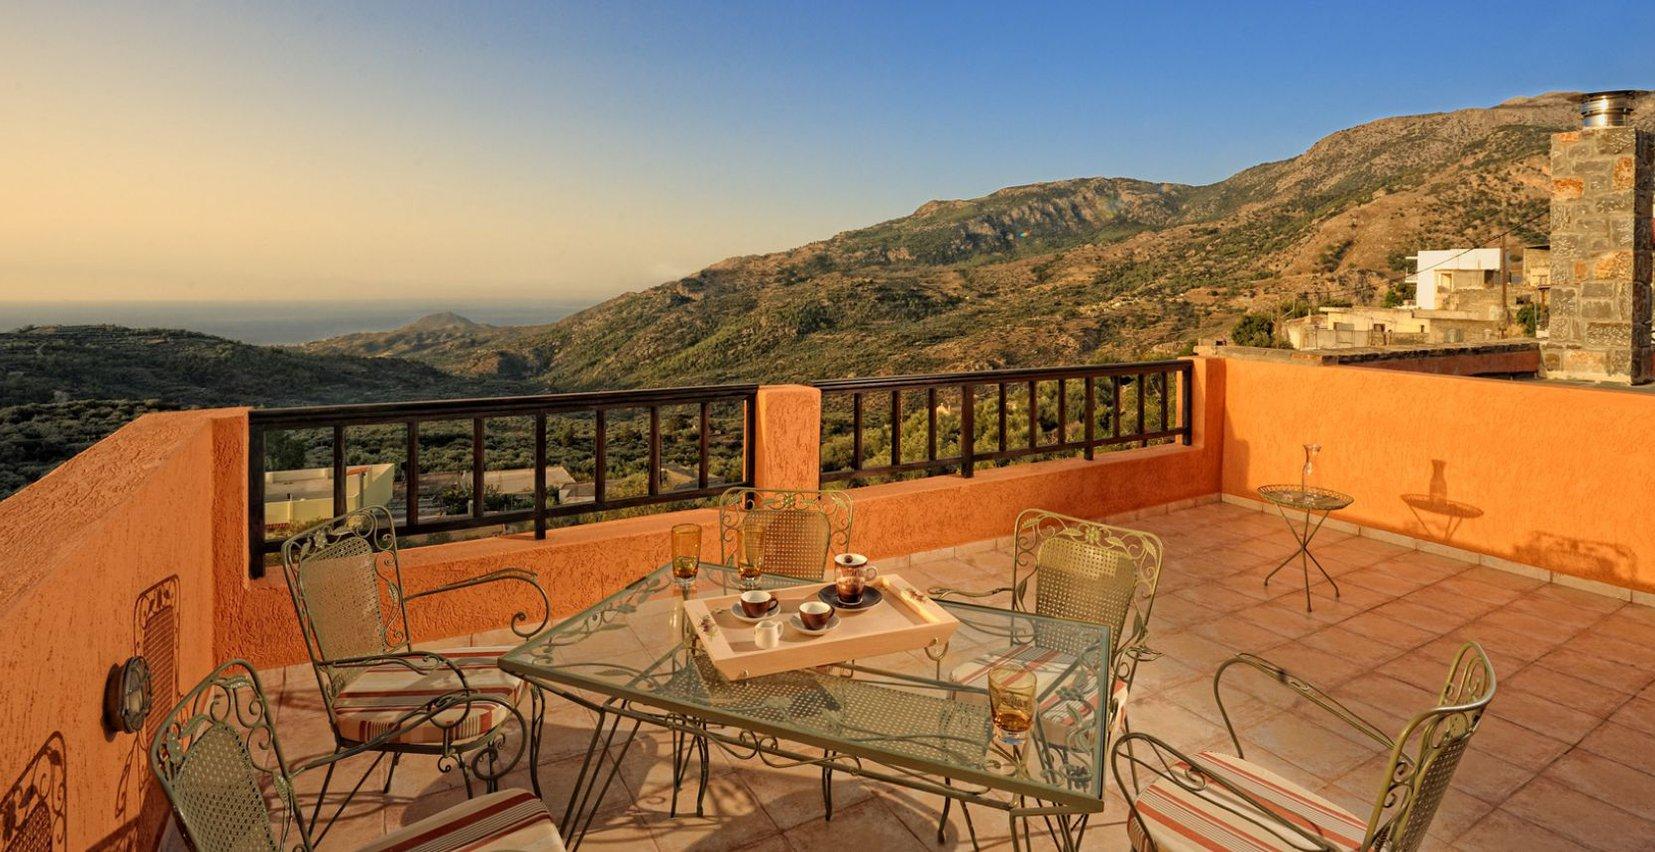 The breathtaking view of Mala Villa in Crete